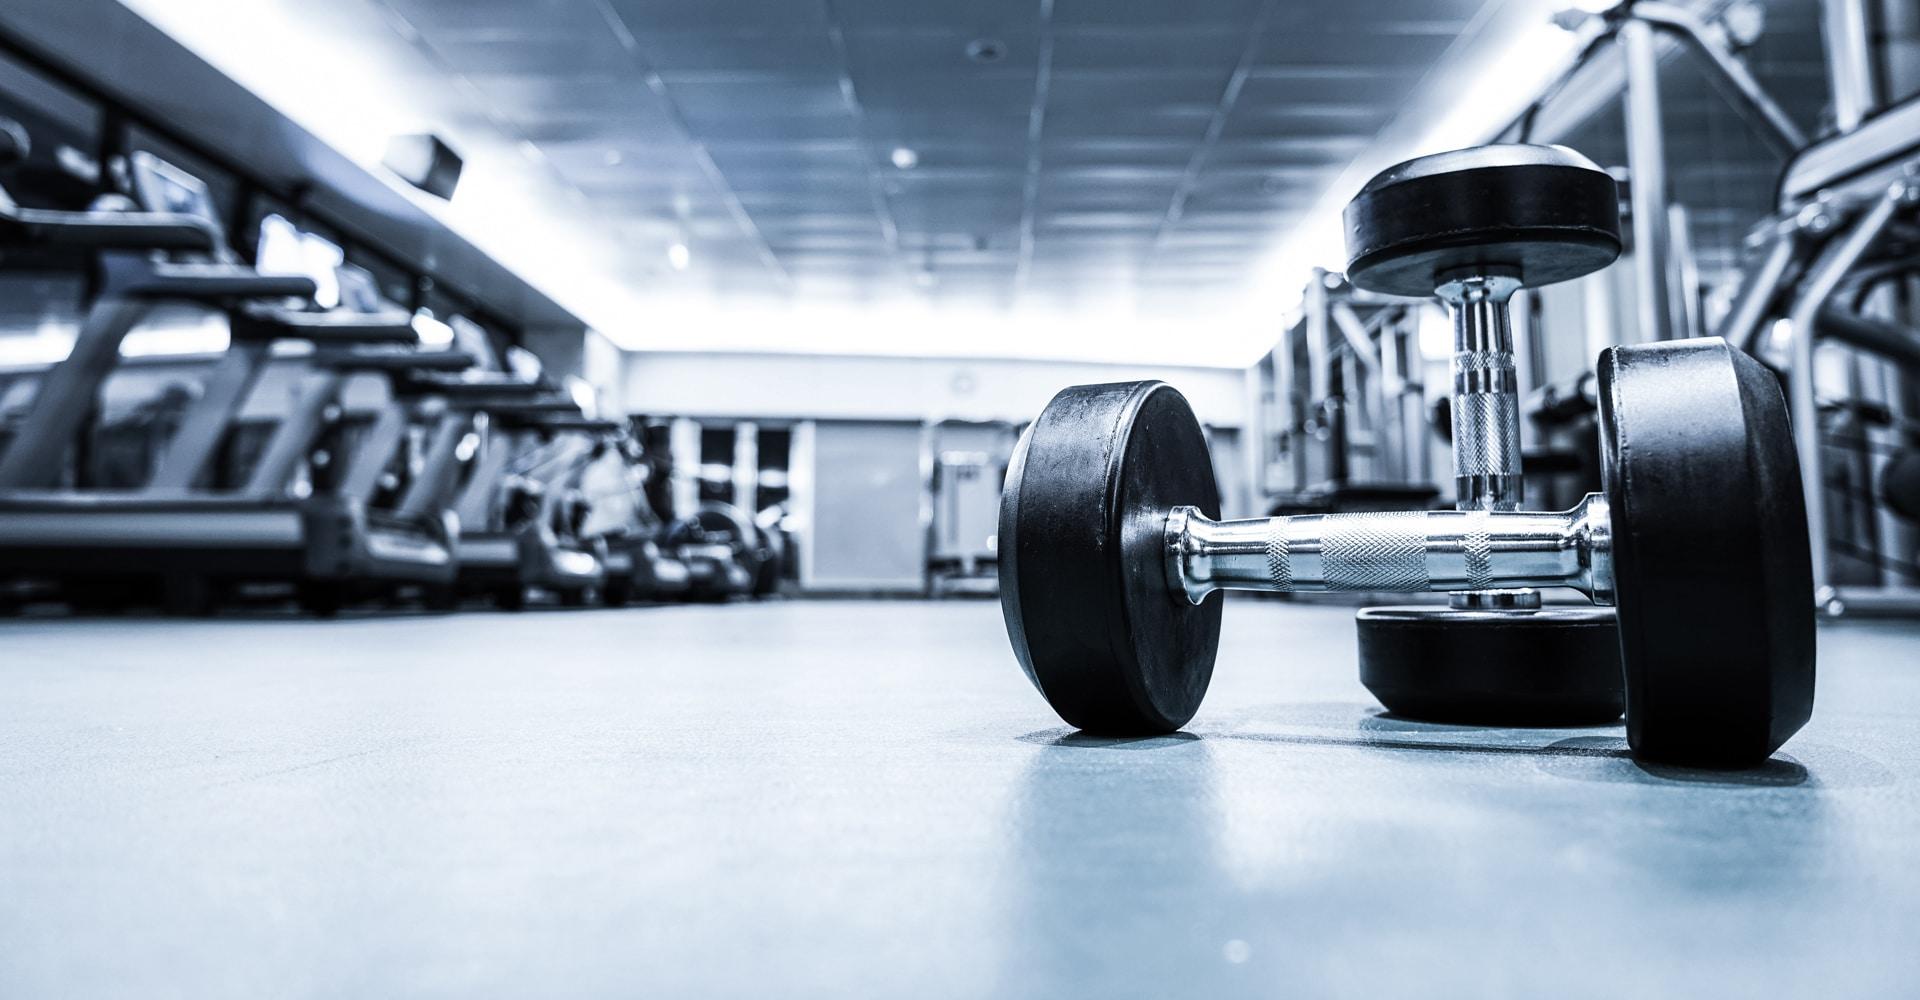 Fitnessvloer met gewichten